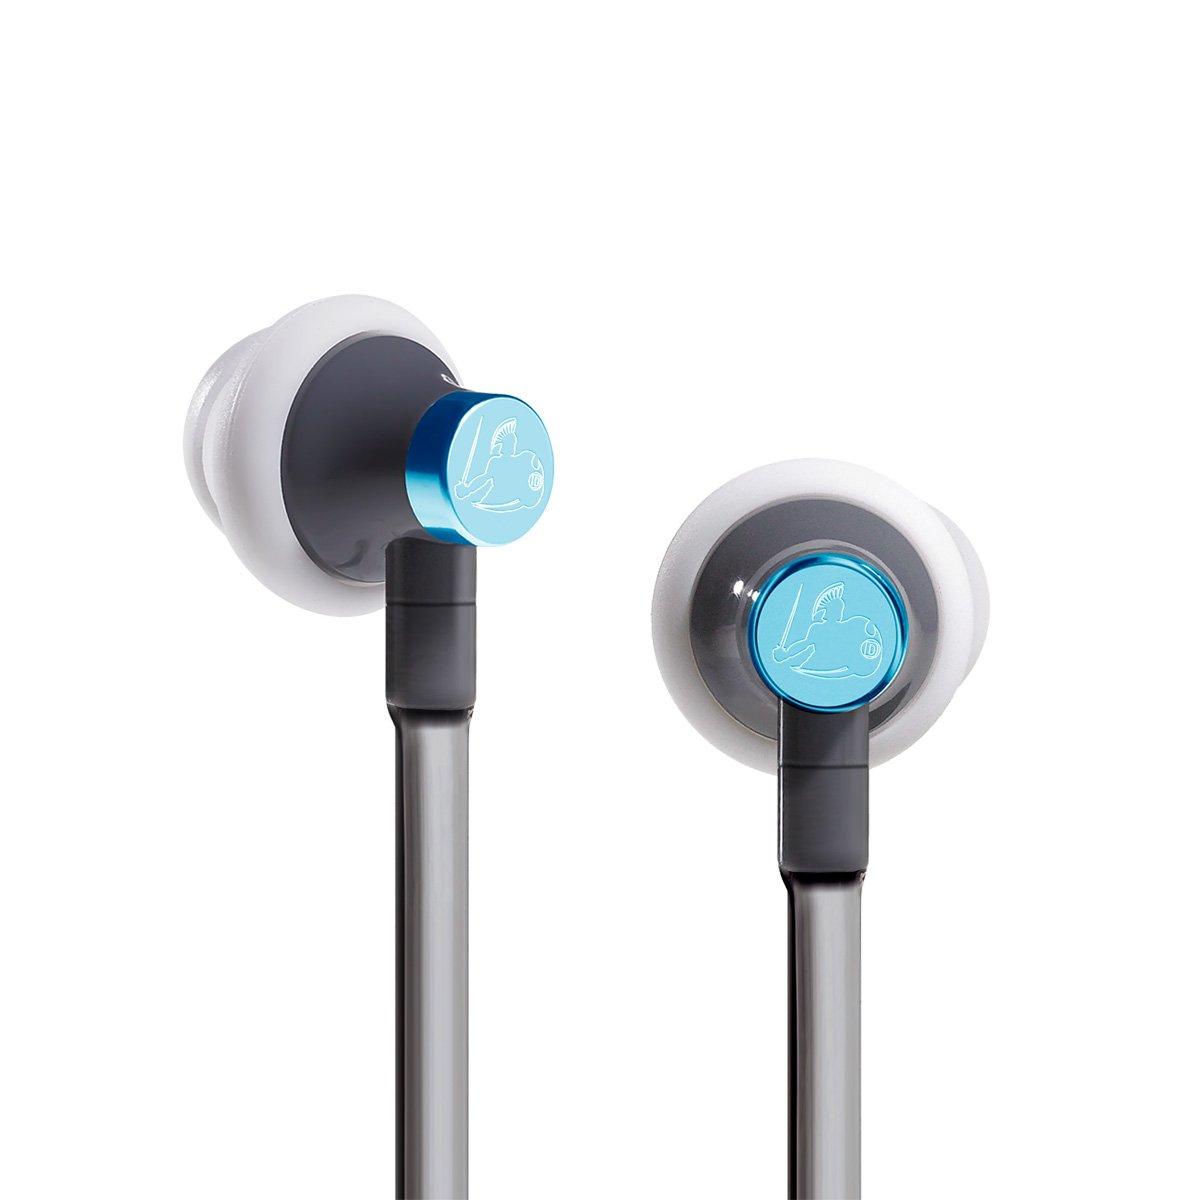 DefenderShield EMF Free Air Tube Headphones